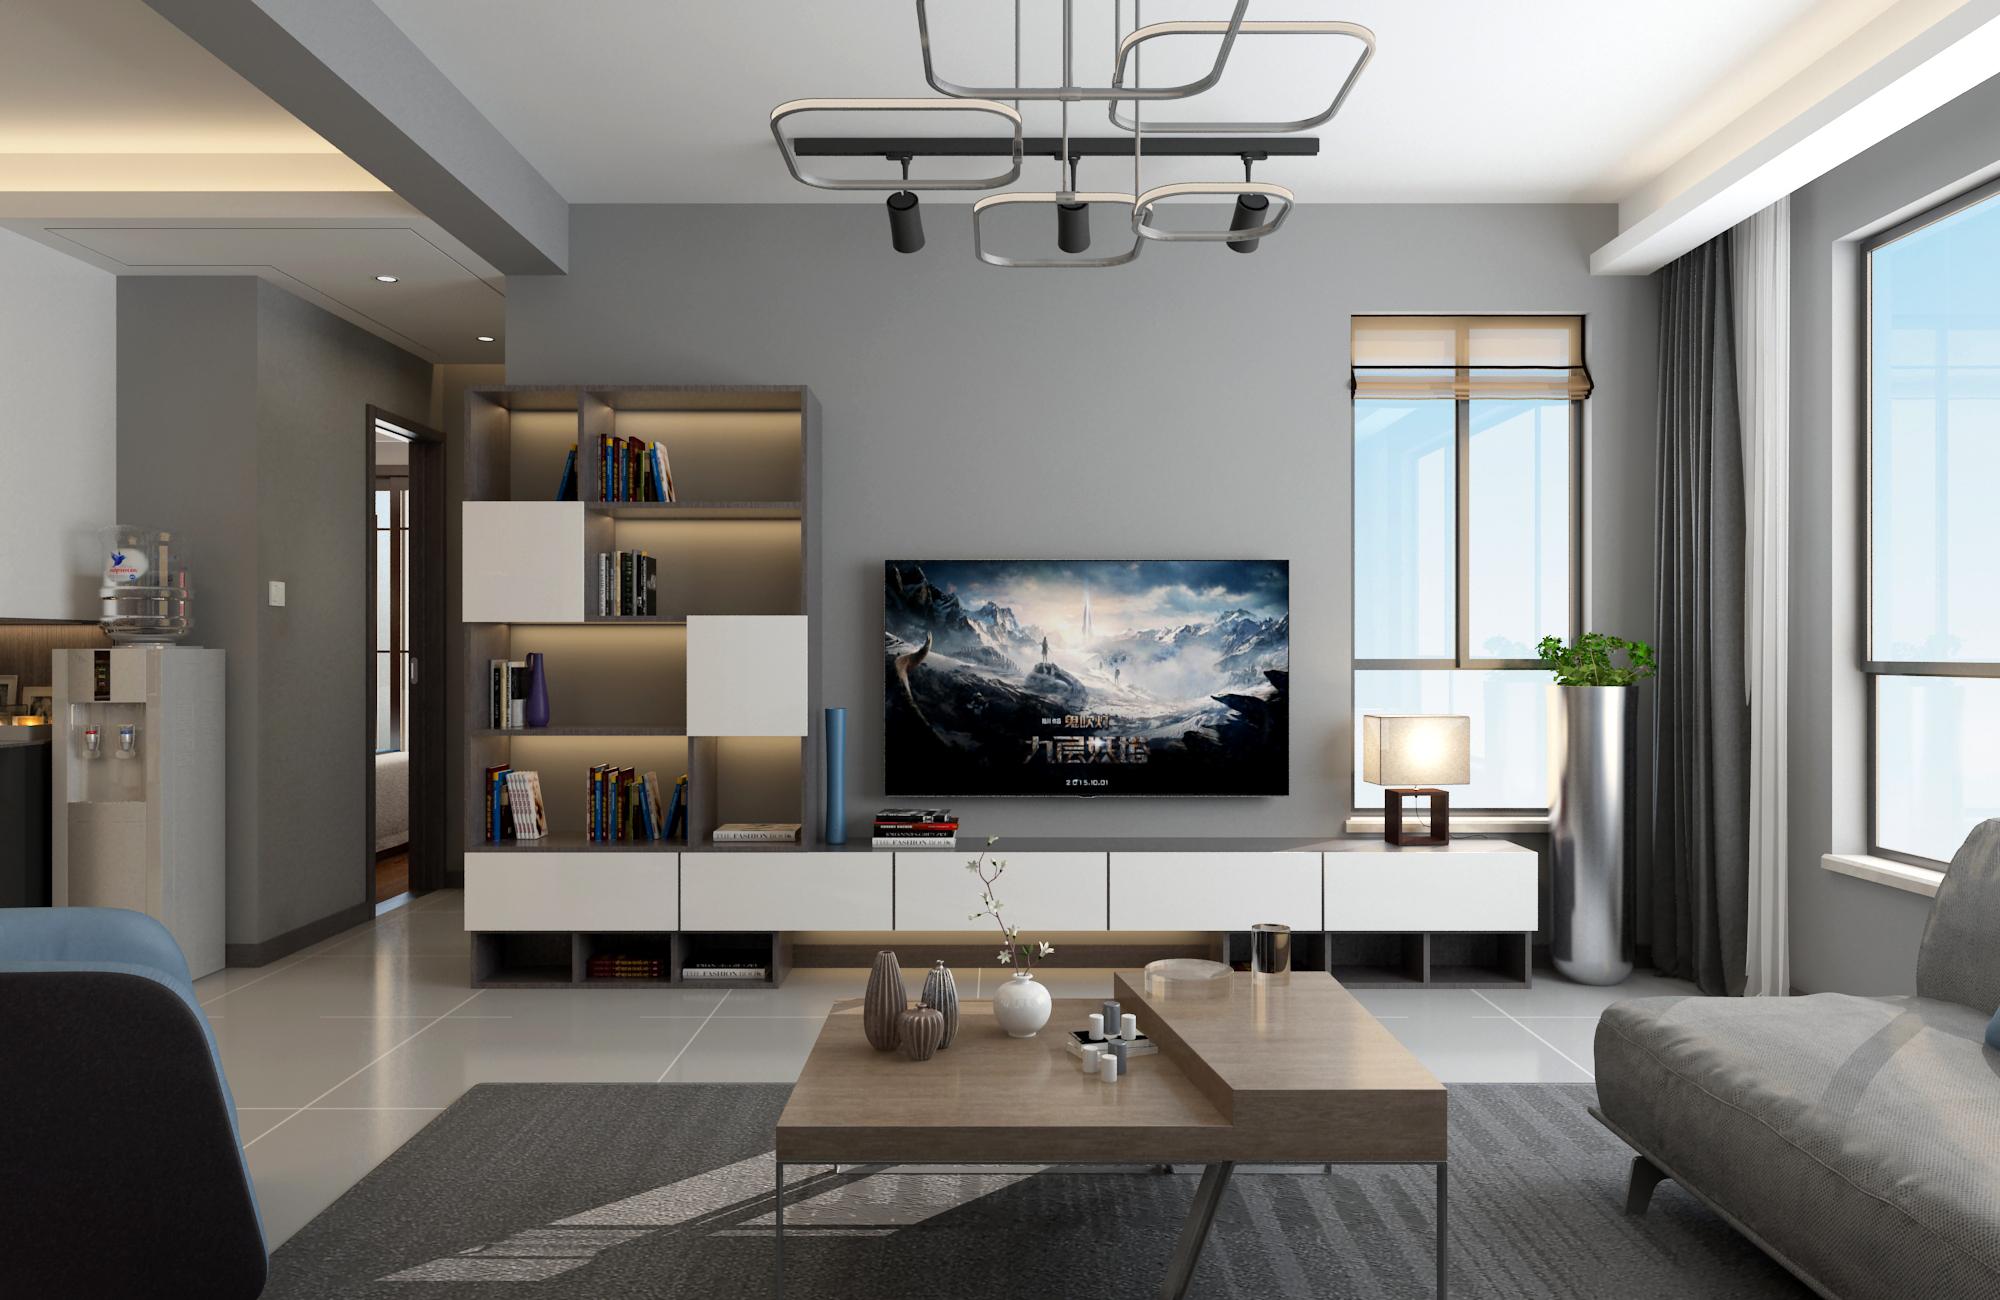 三居室现代风格家电视背景墙图片